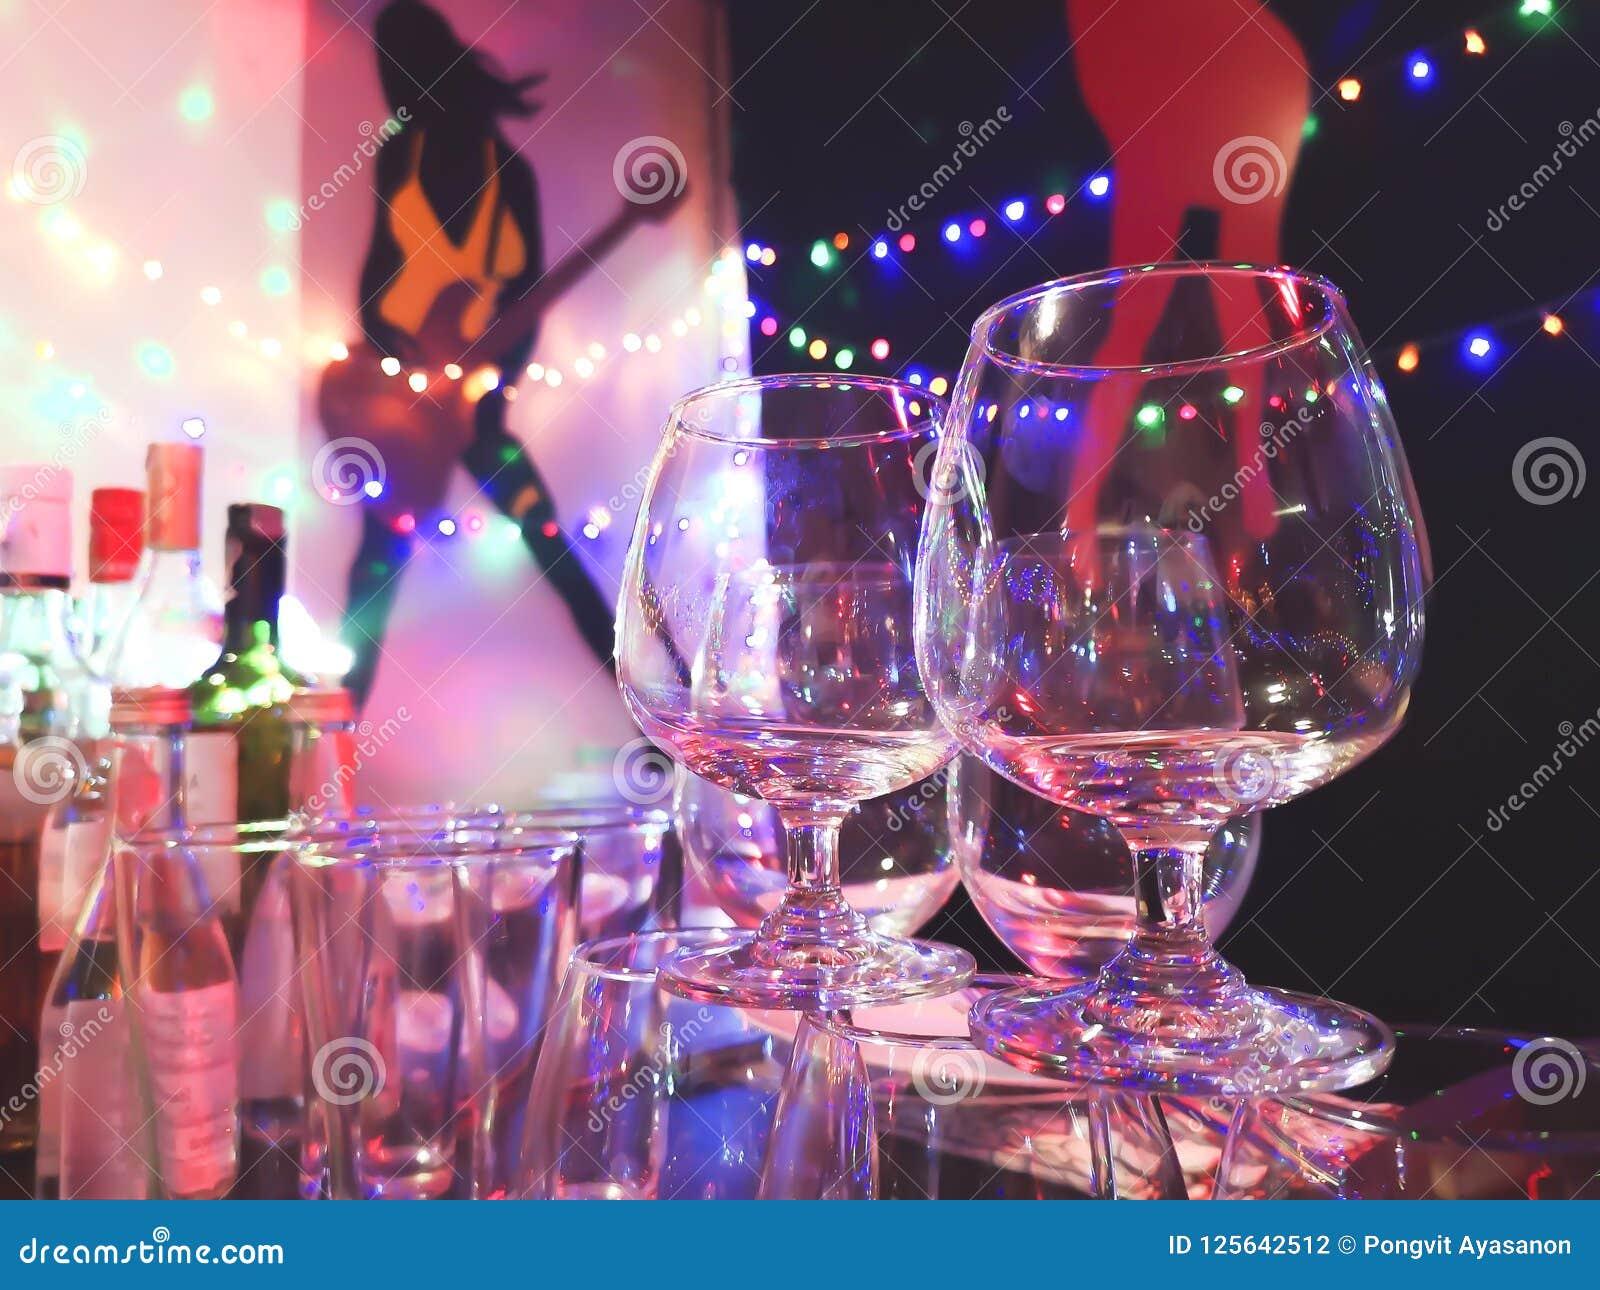 Whiskyglas an einer Partei nachts